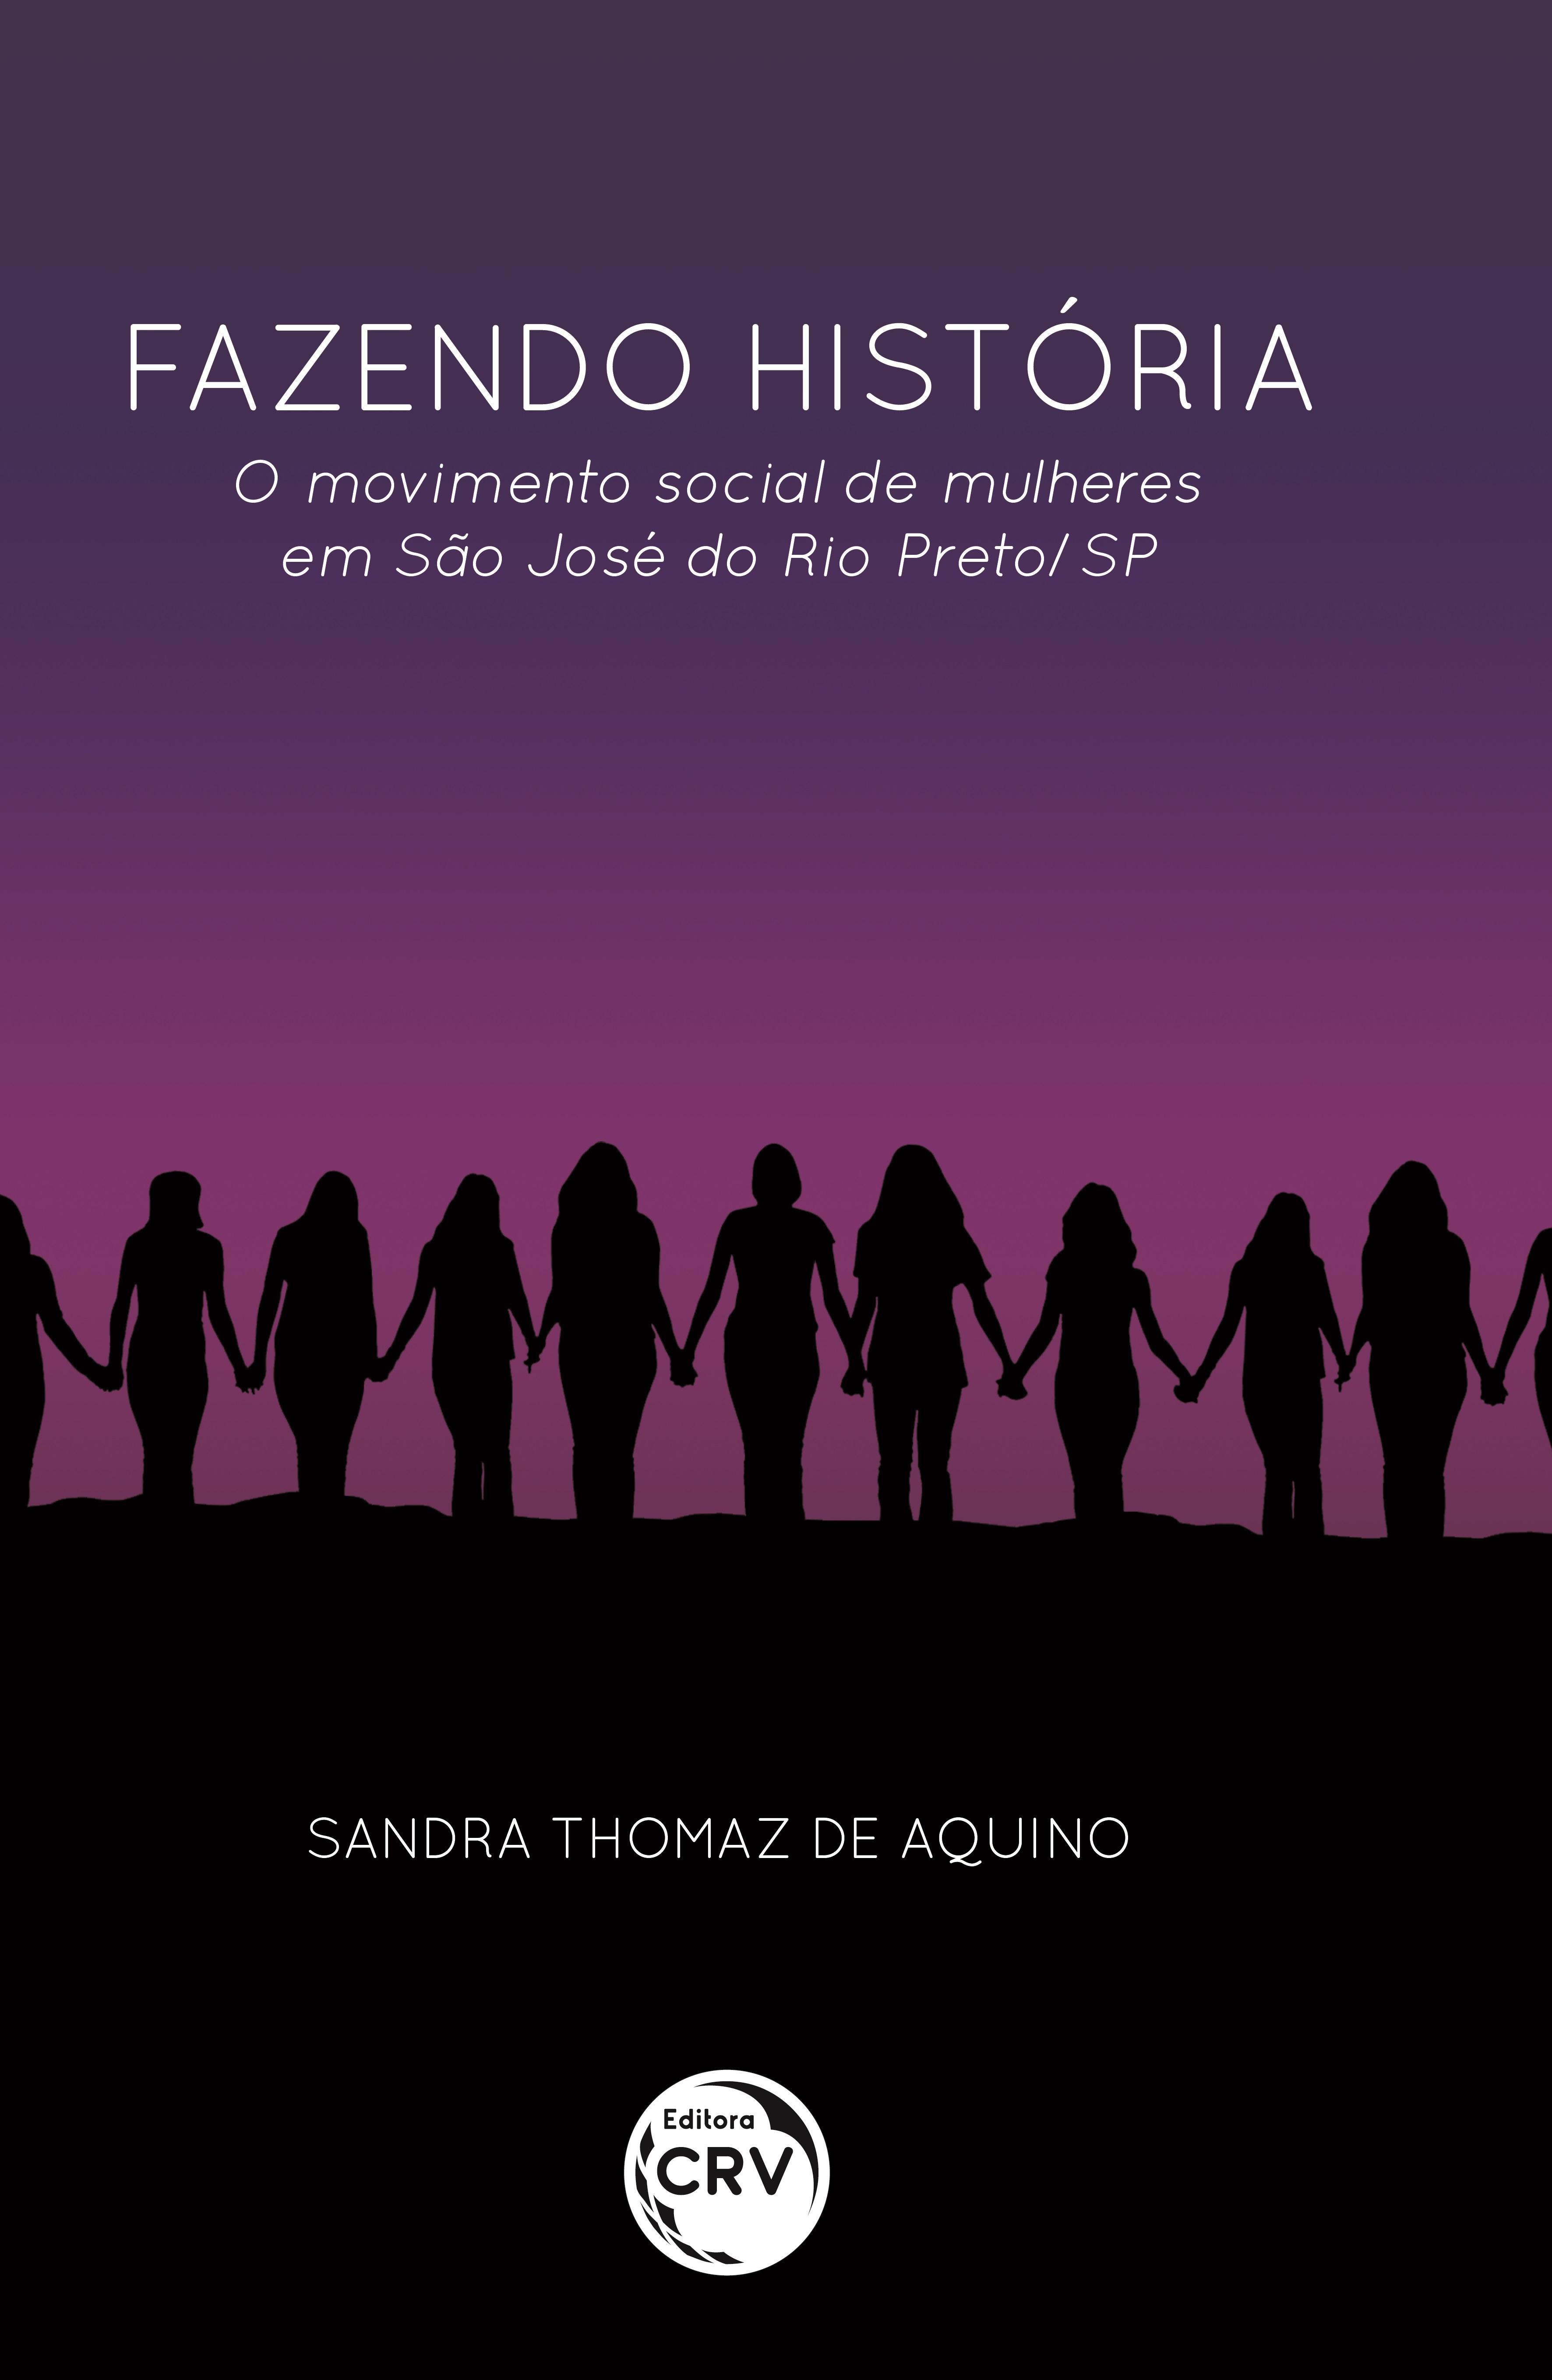 Capa do livro: FAZENDO HISTÓRIA:<br> o movimento social de mulheres em São José do Rio Preto/SP